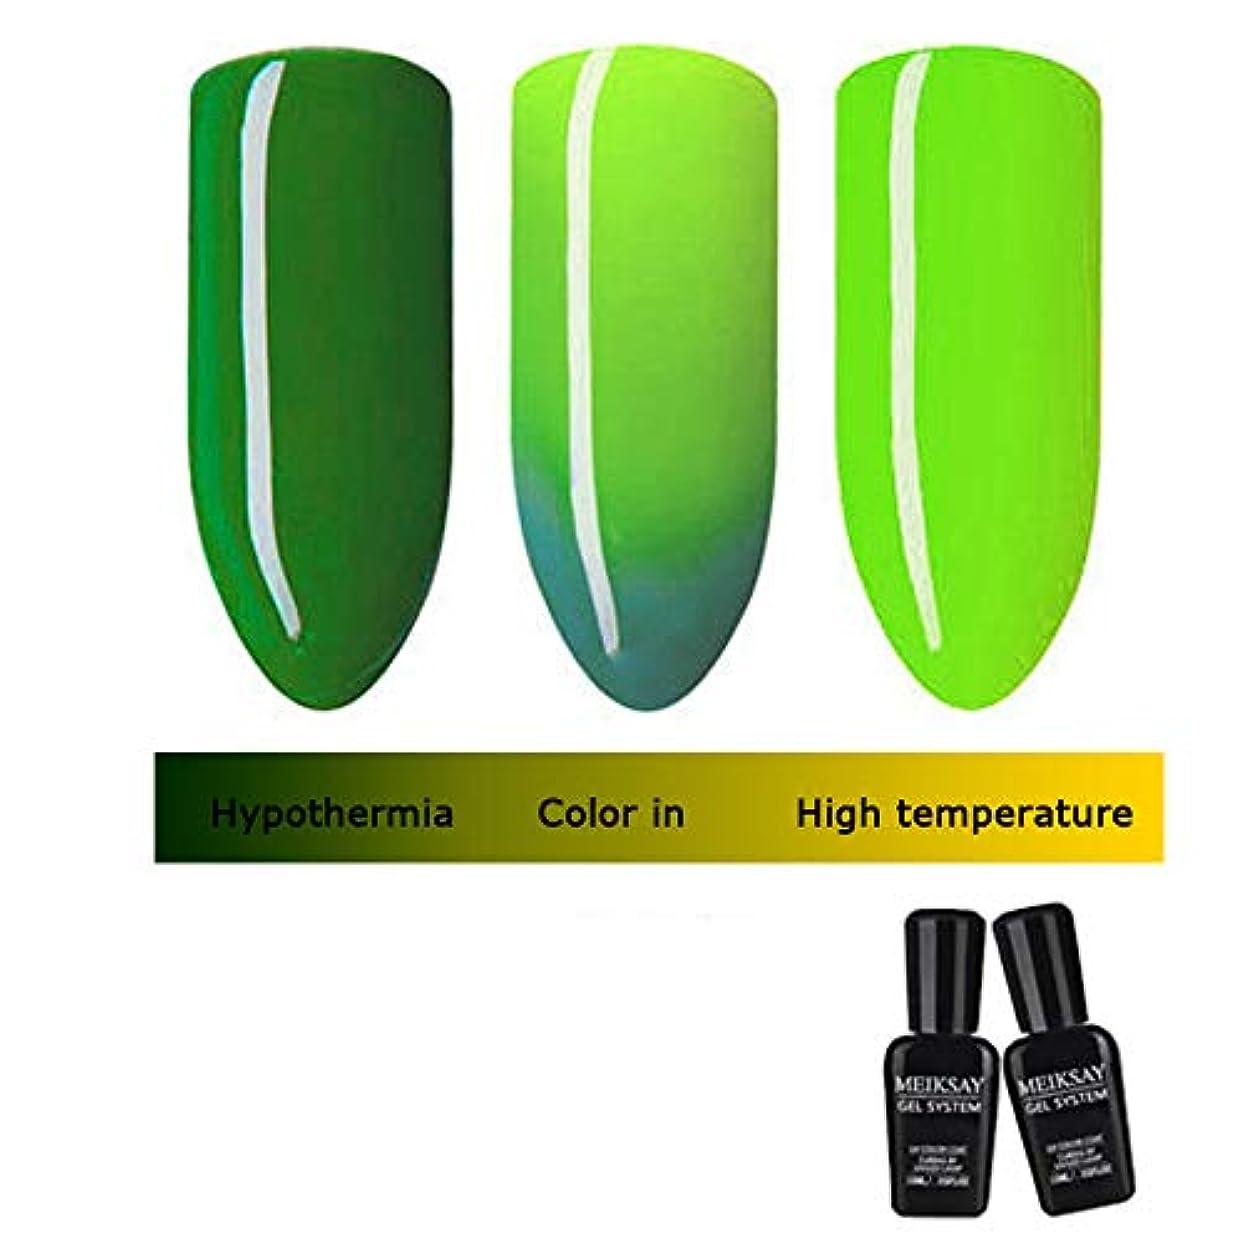 クレジット生き残ります教義Lazayyii マニキュア サーモクロミック光線療法のり 熱温度変化色 ネイルラッカーUV LEDポリッシュゲル (B)